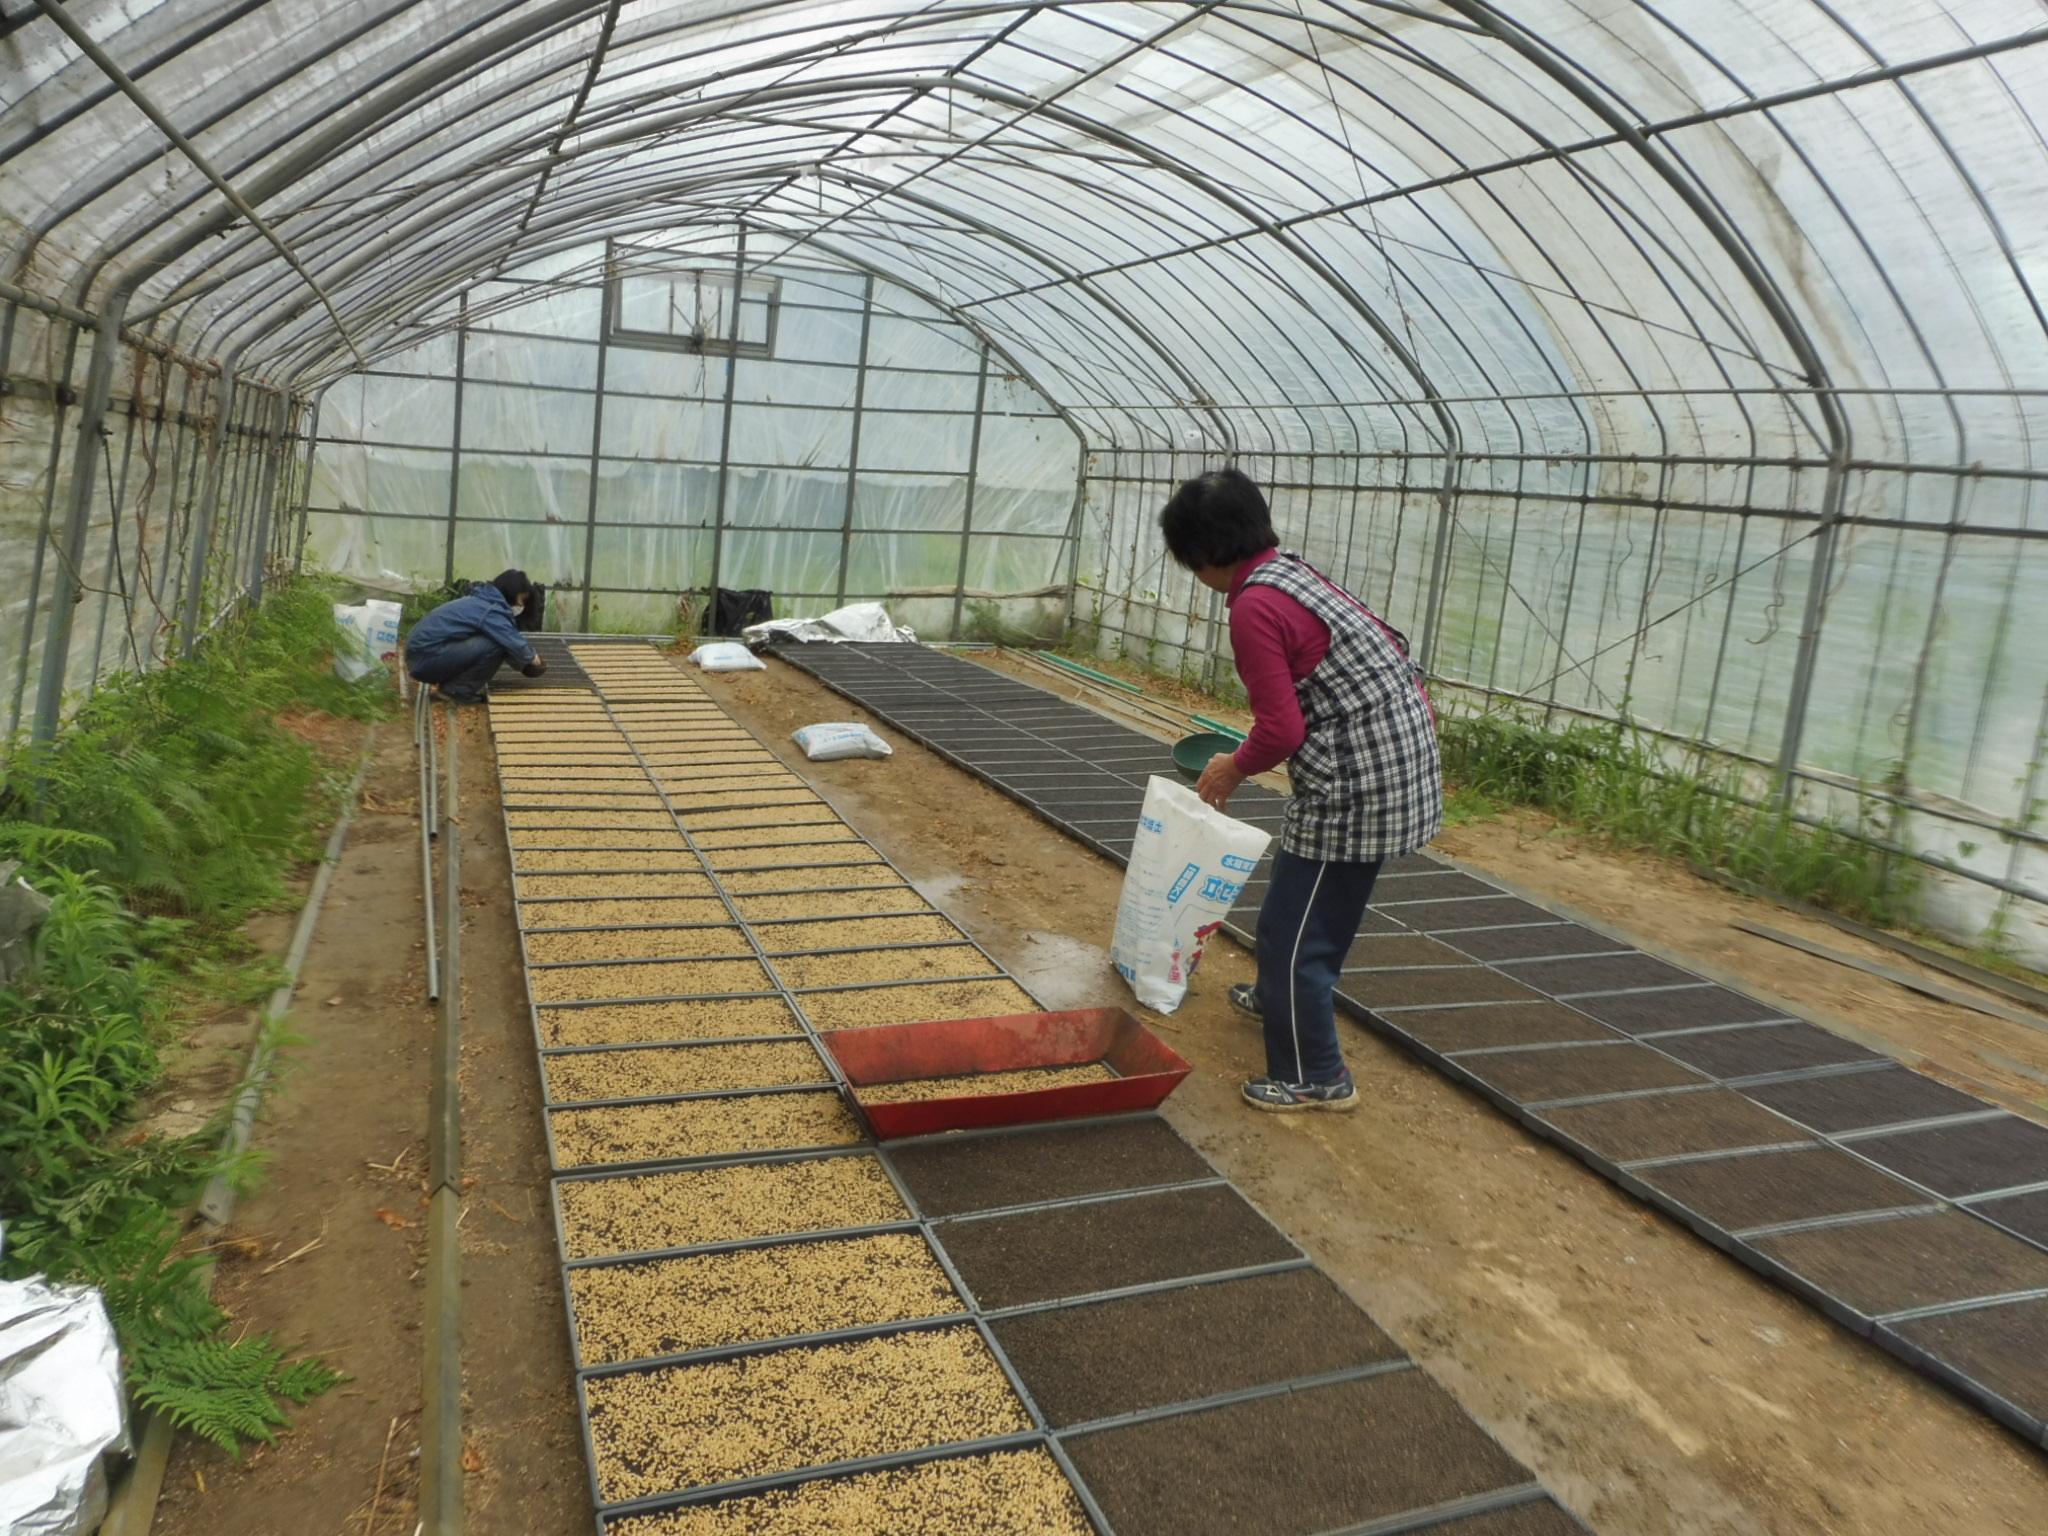 育苗時は種子の密度が高く、また多湿になるために病害が発生しやすくなります。これを防ぐために種子消毒が欠かせません。